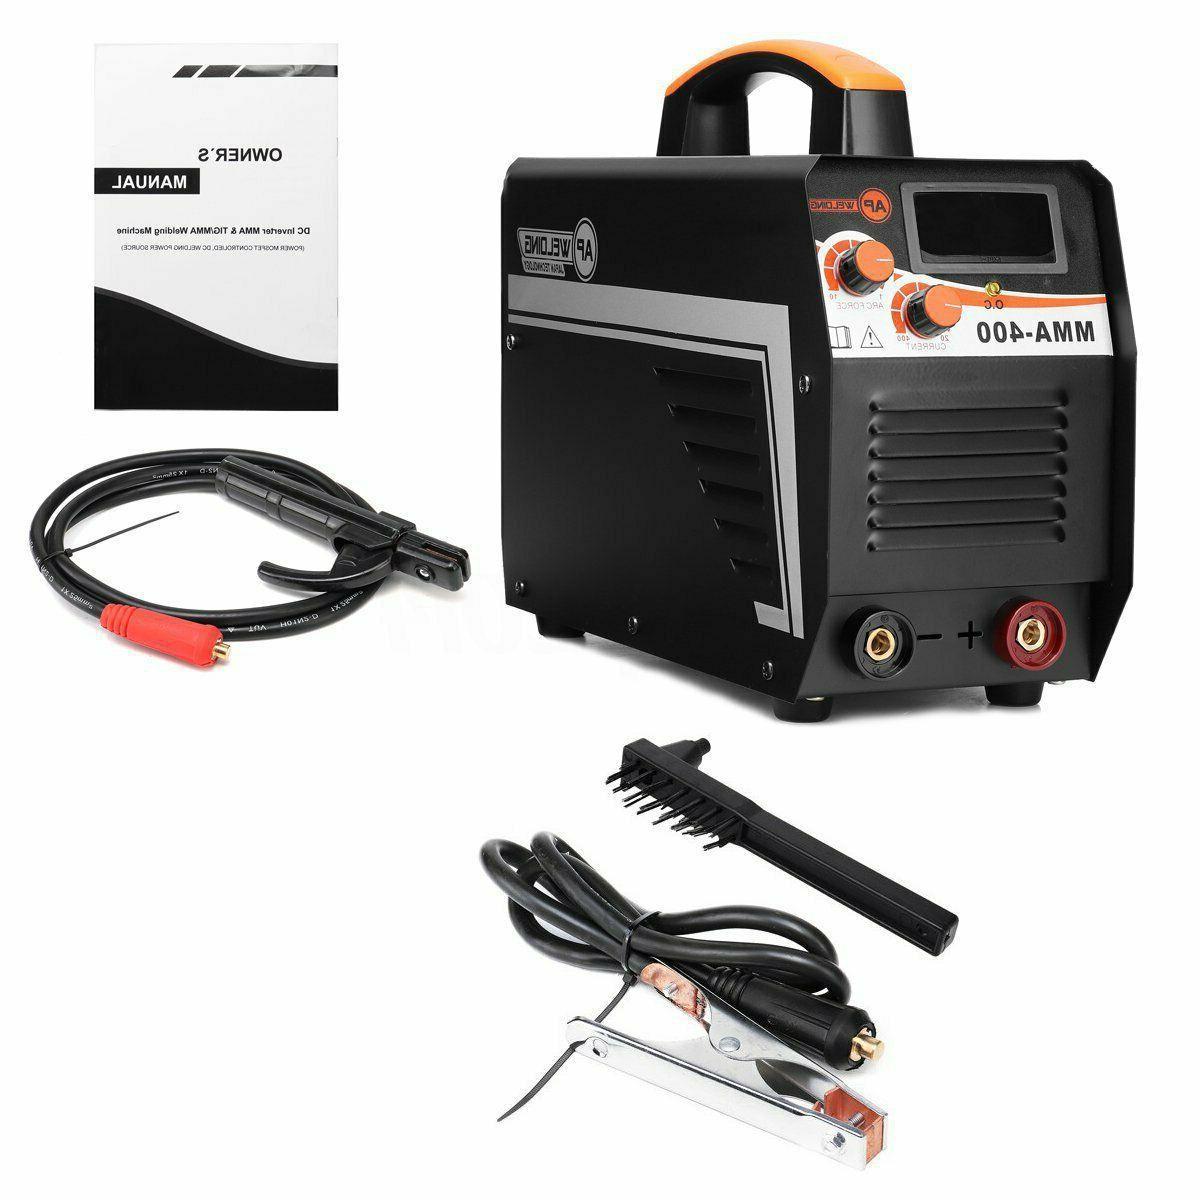 220V 400A Digital Electric DC Inverter Stick Welder